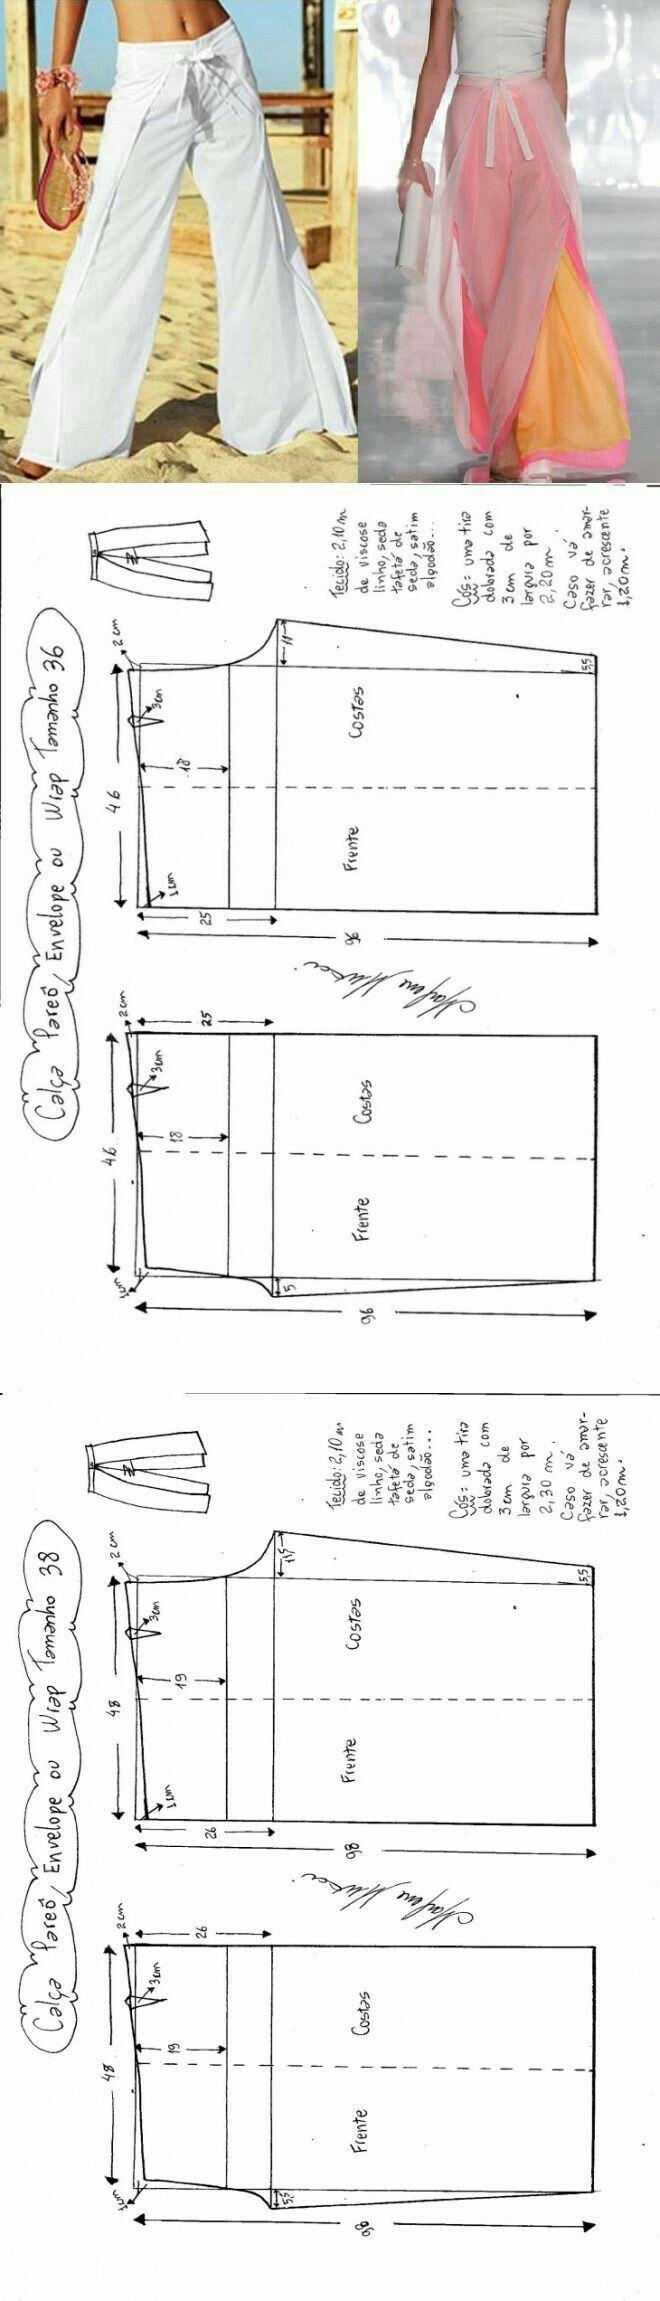 Pantalaccio | DIY clothes | Pinterest | Costura, Patrones y Patrones ...